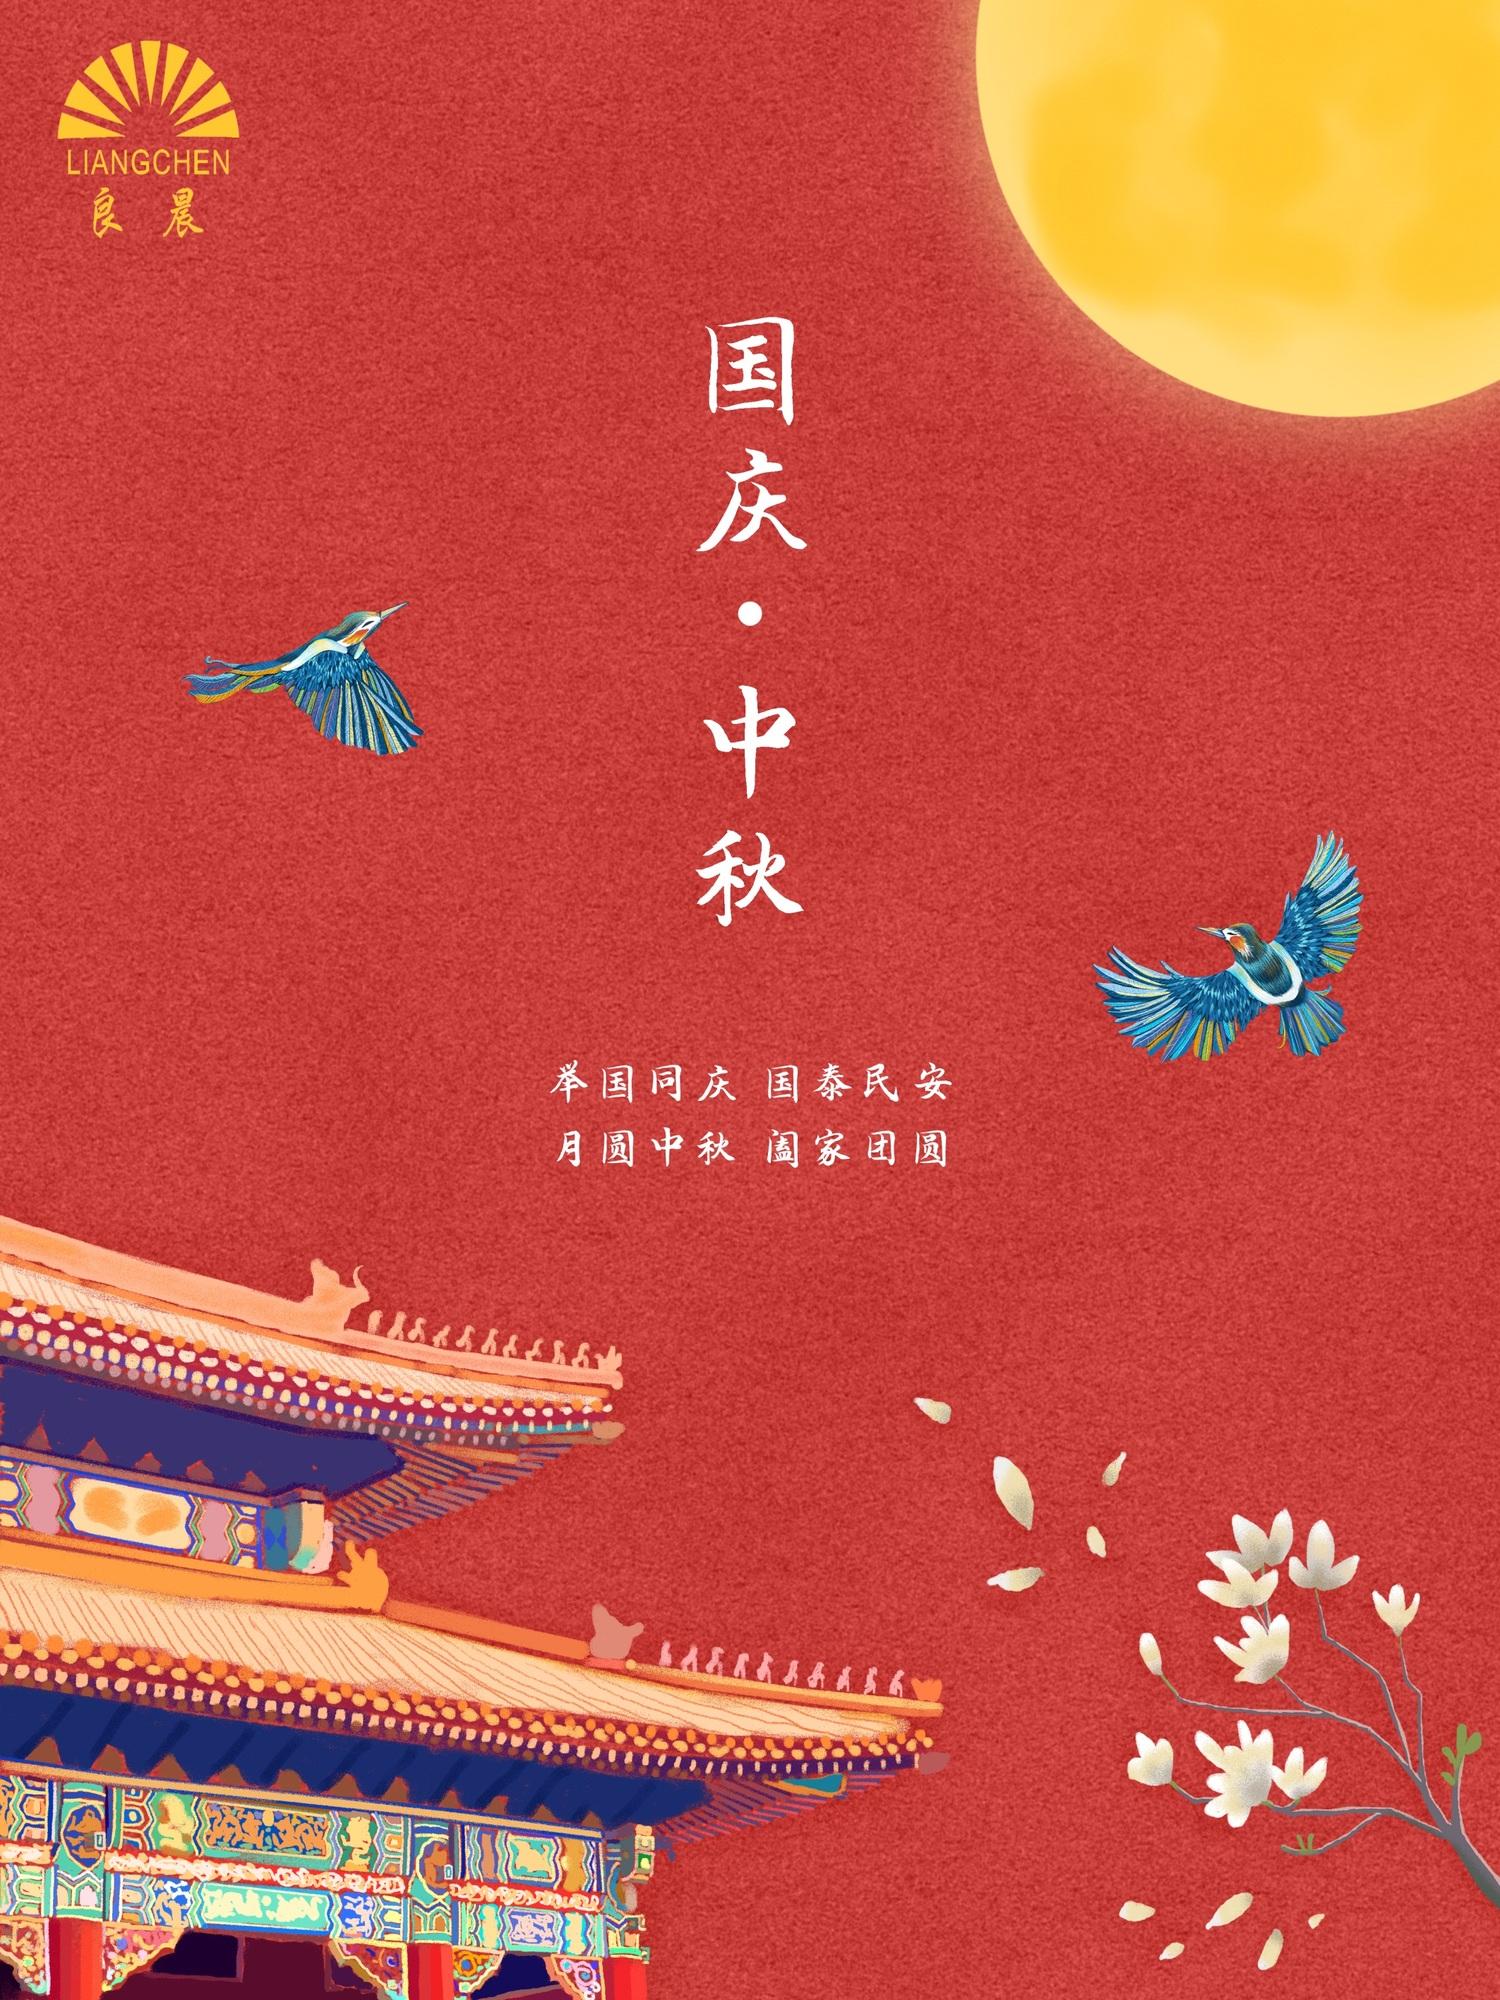 中秋国庆07-.jpg